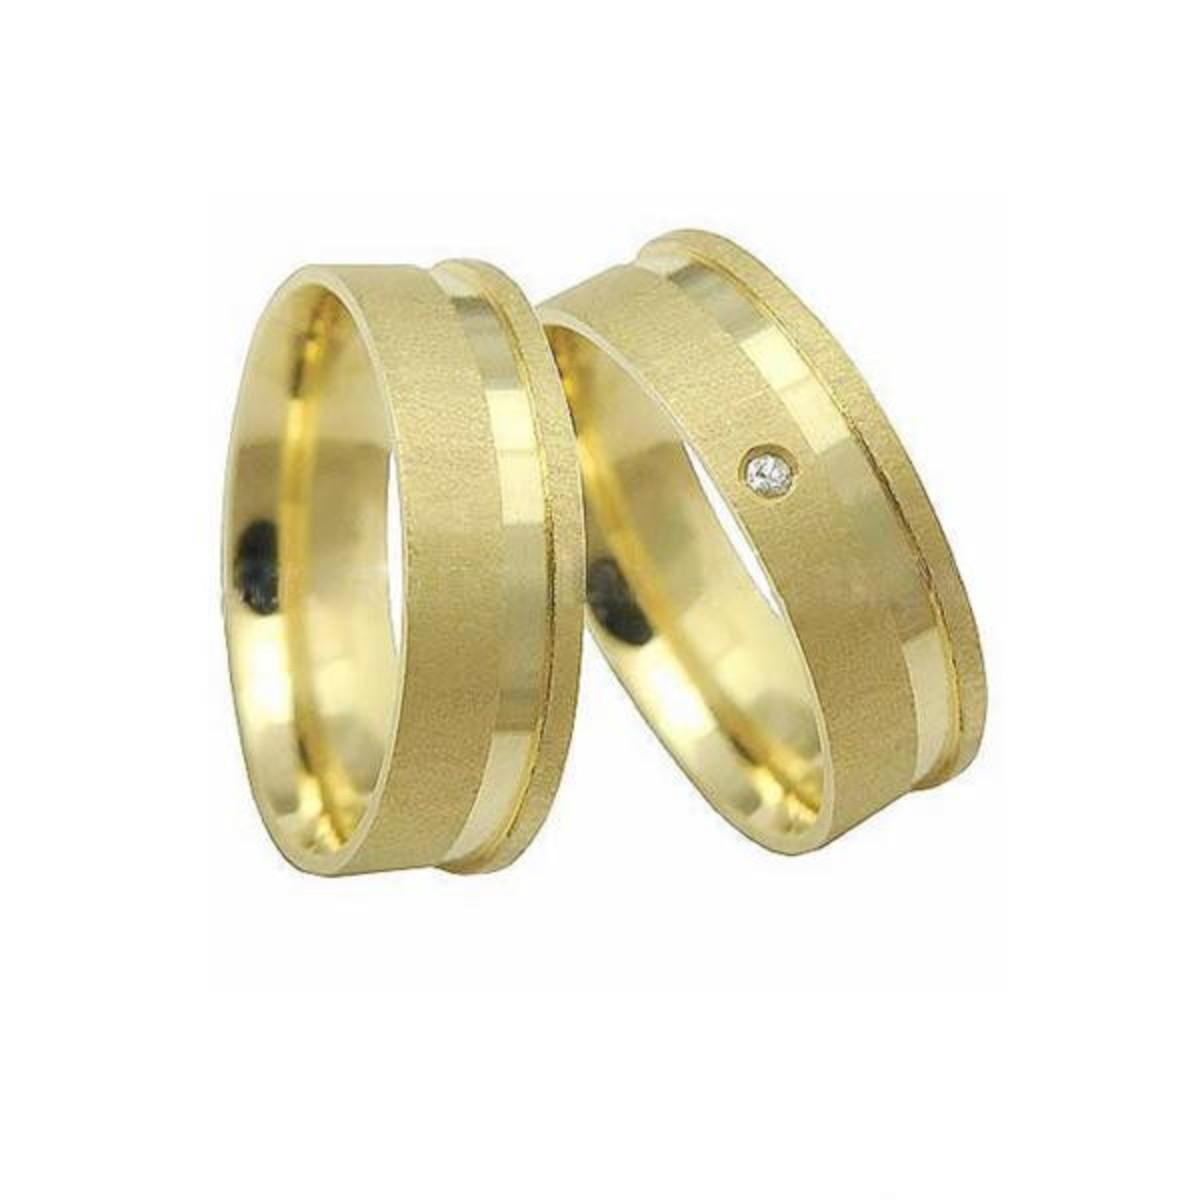 Aliança de Ouro 18k Fosca Filete Polido e Diamante (Par) no Elo7 ... 41b521c197